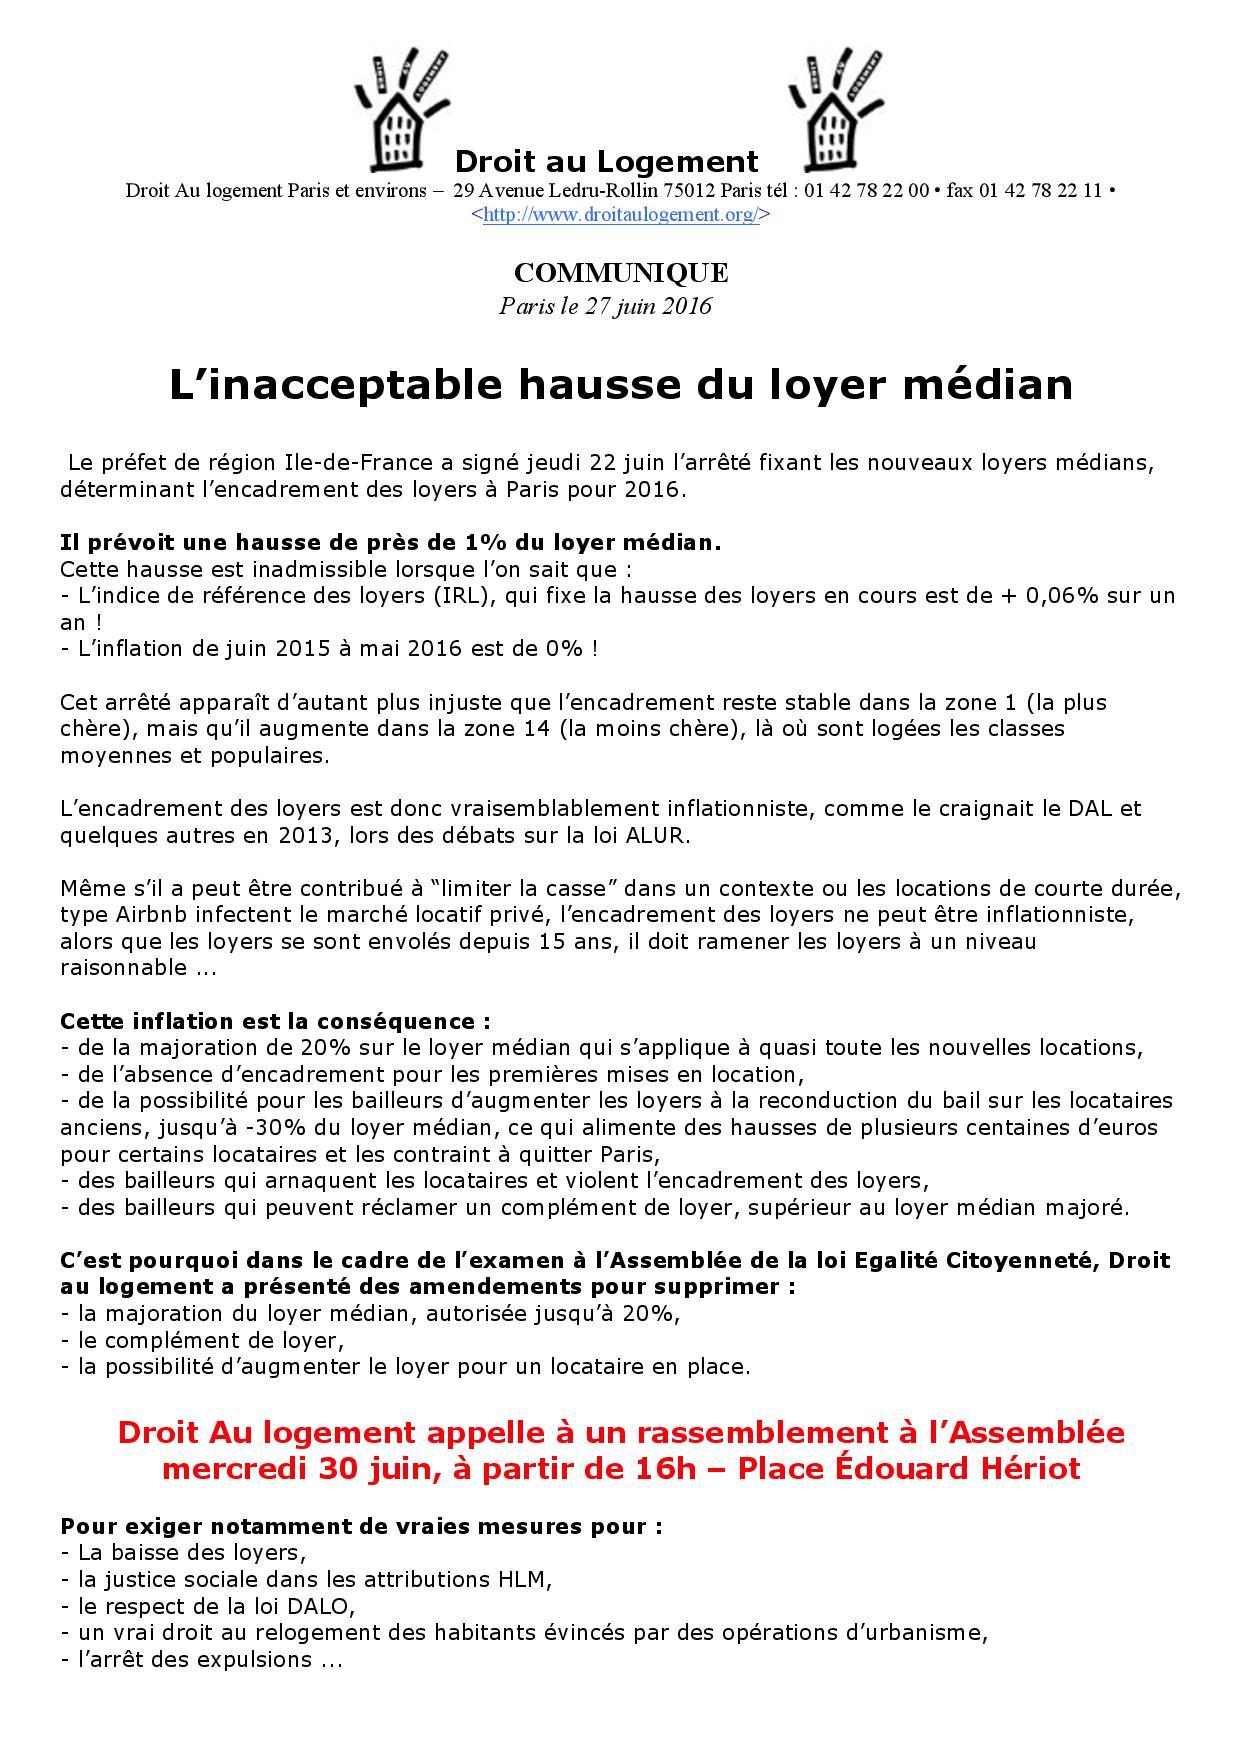 Communique L Inacceptable Hausse Du Loyer Median Droit Au Logement